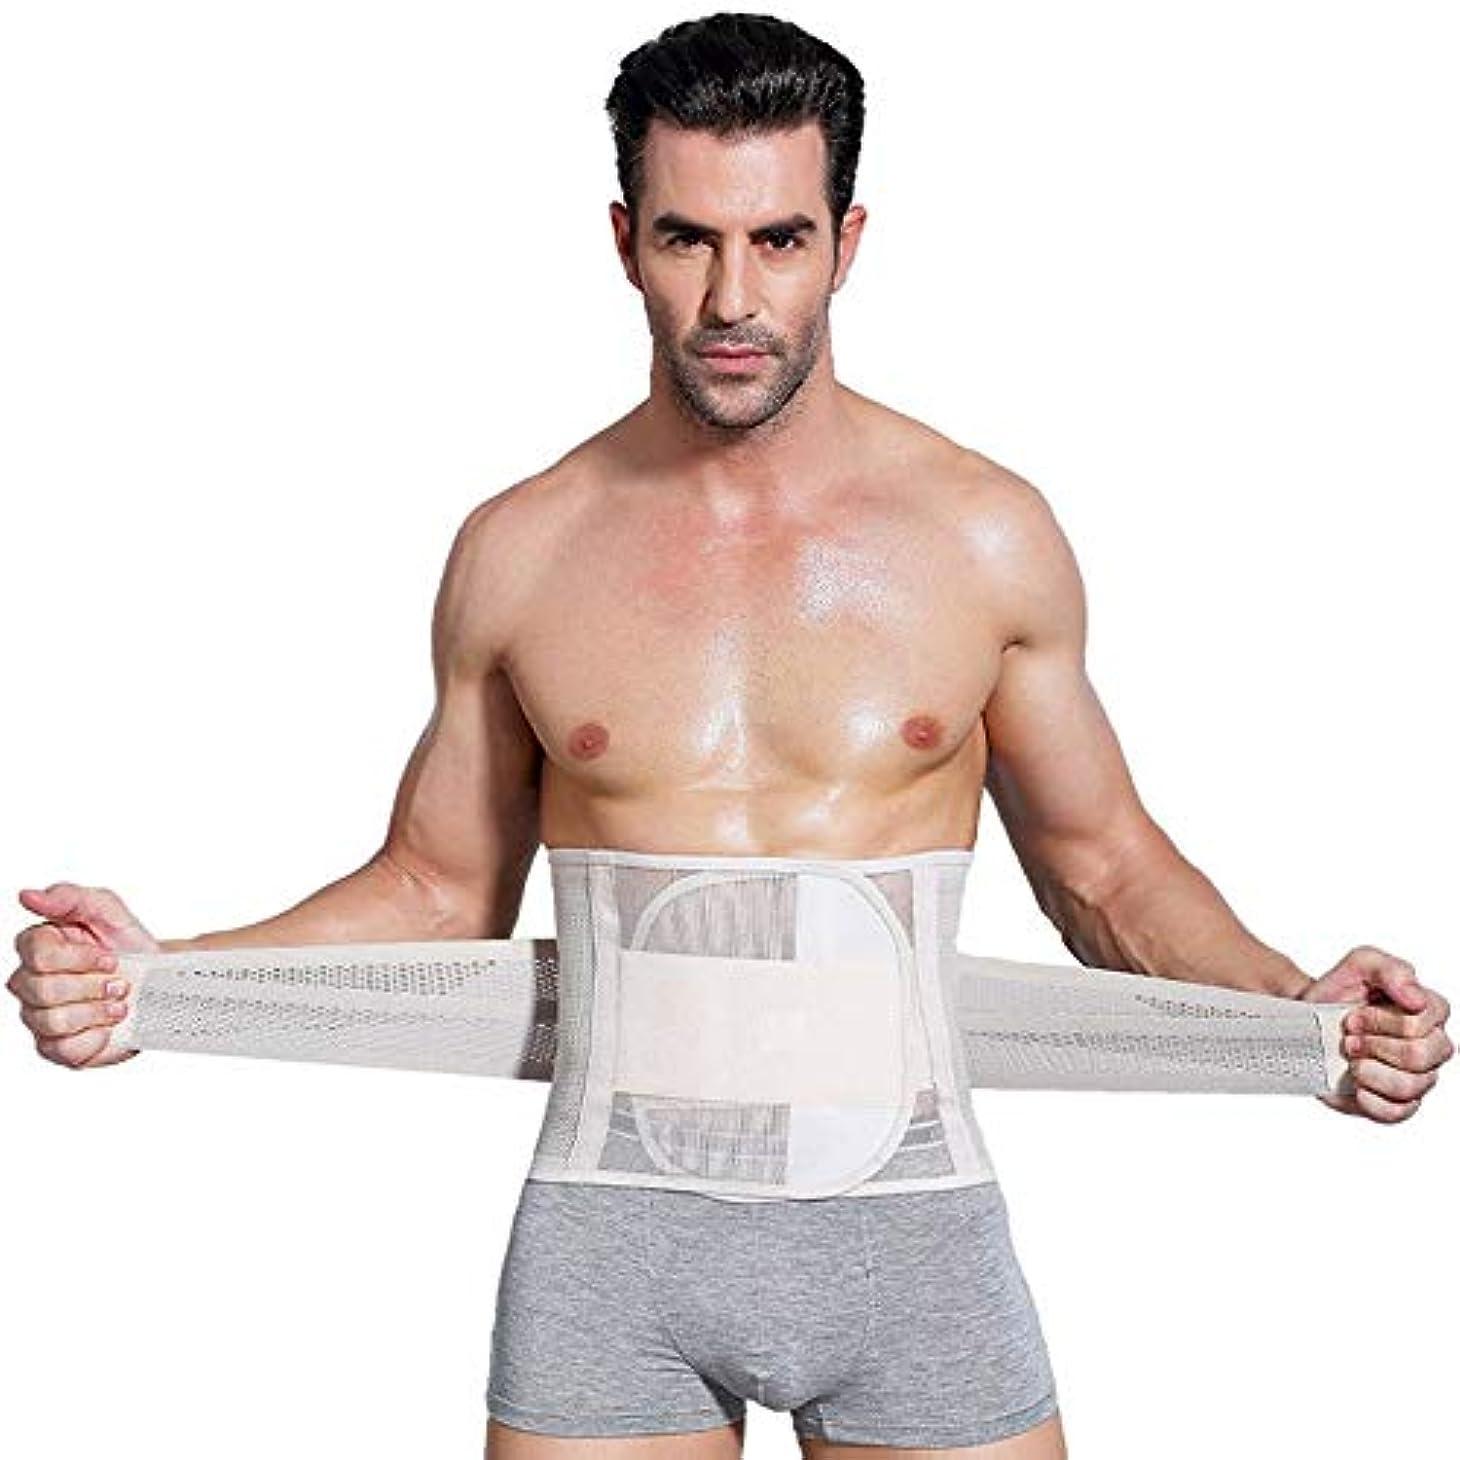 予測拾う宣言する男性ボディシェイパーコルセット腹部おなかコントロールウエストトレーナーニッパー脂肪燃焼ガードル痩身腹ベルト用男性(Color:skin color)(Size:XL)